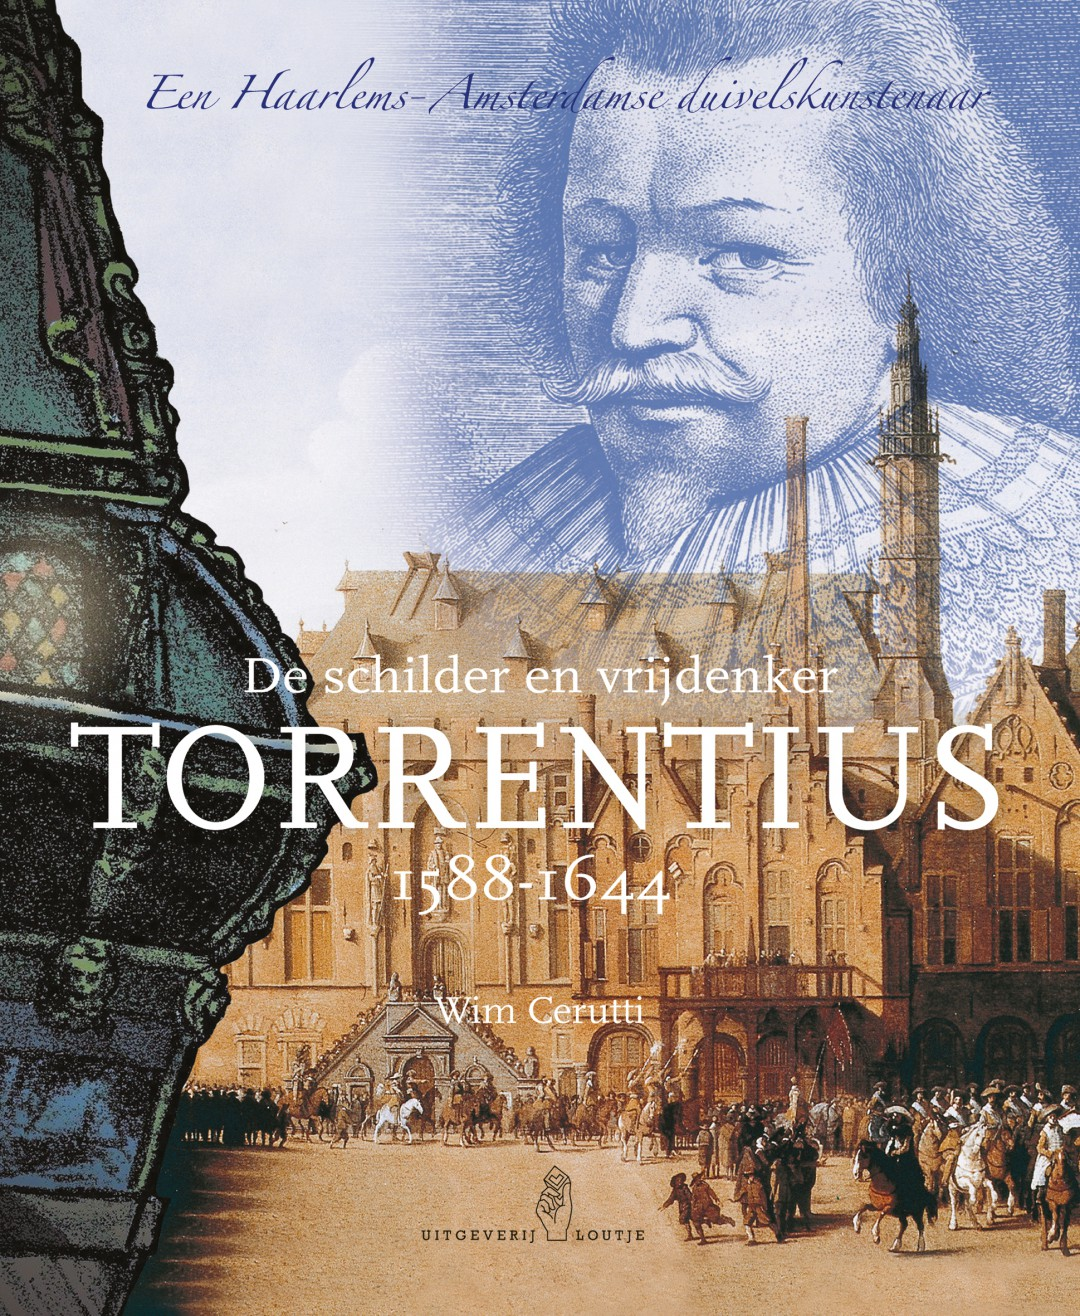 Torrentius, Schilder en vrijdenker